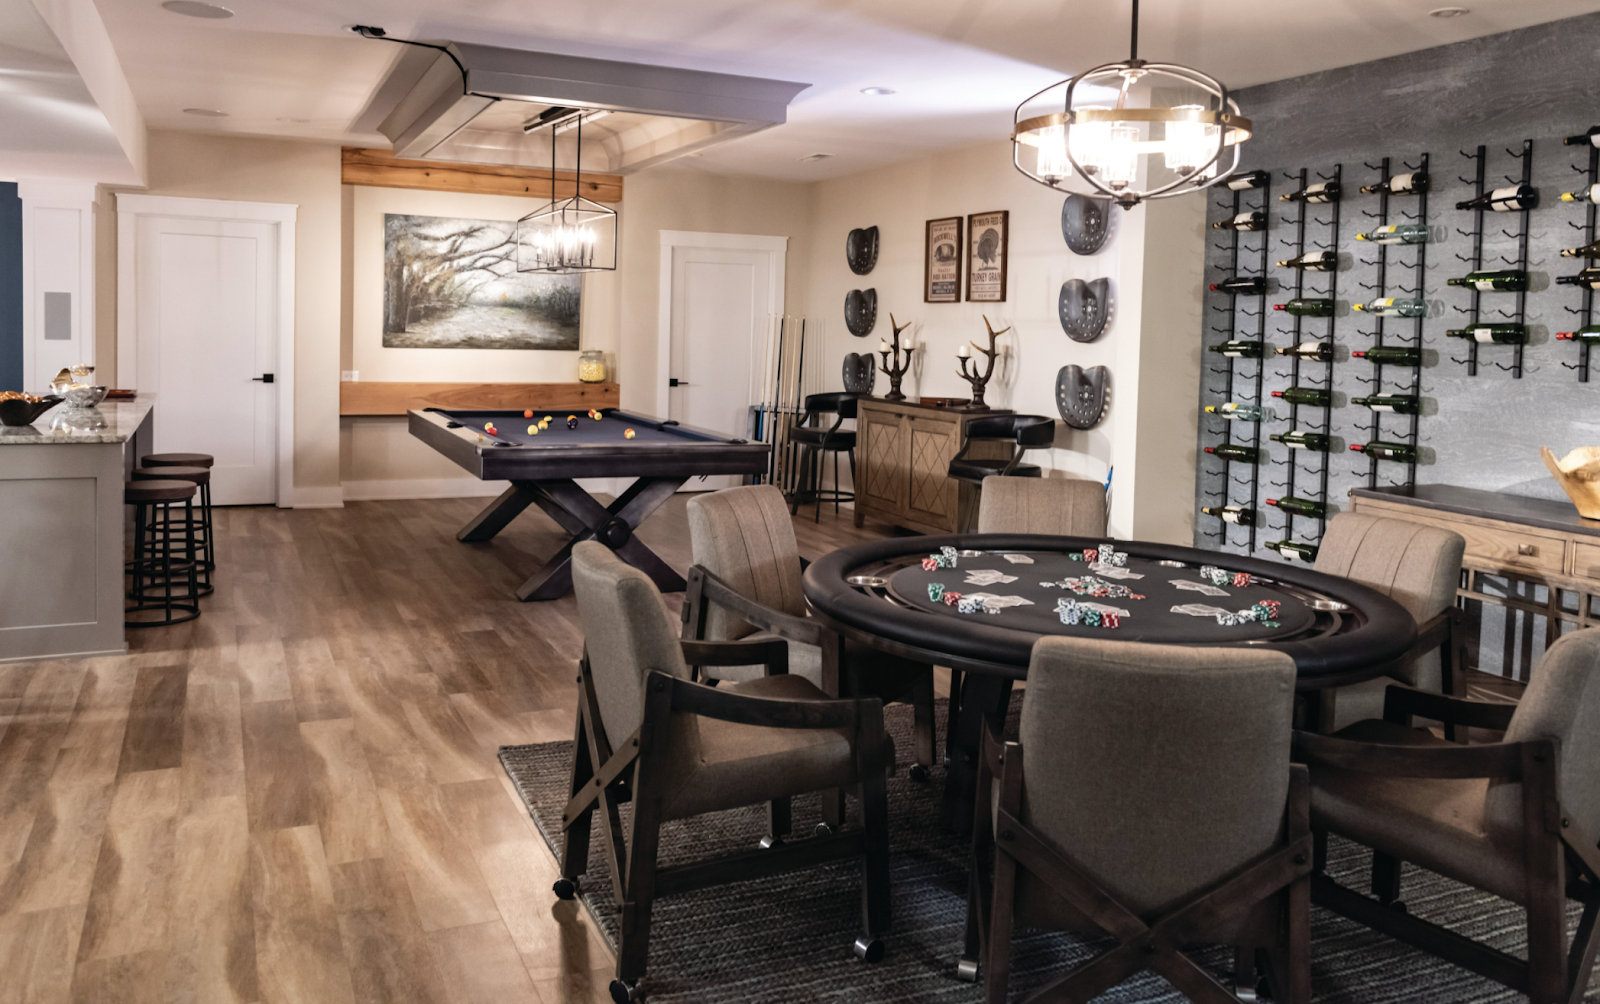 5 Inspiring Ideas for a Home Rec Room